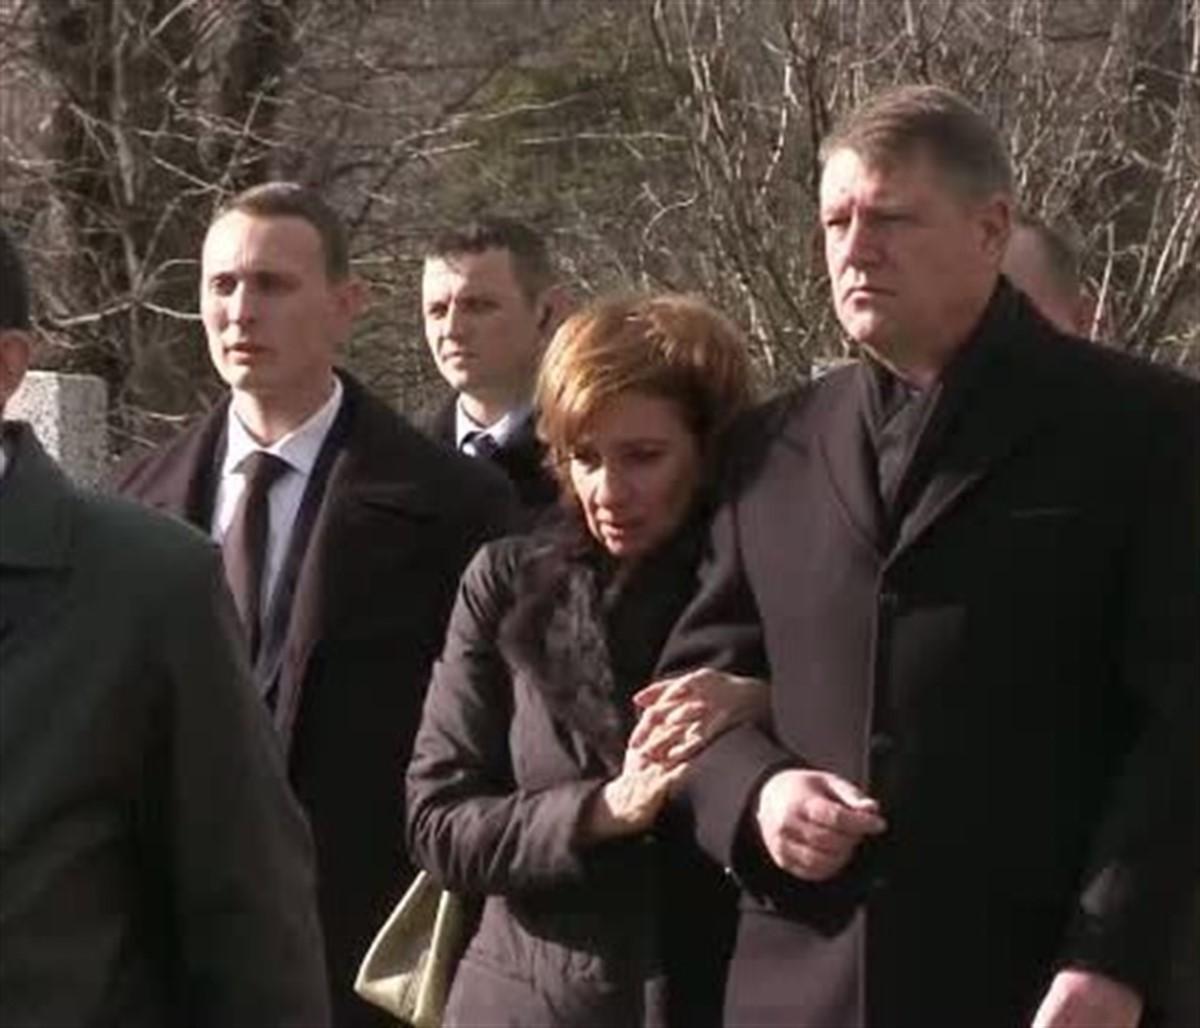 Georgeta Lazurcă, mama primei doamne Klaus Iohannis, a murit la vârsta de 72 de ani. Cu ani în urmă ea a făcut o mărturisire actualului președinte.